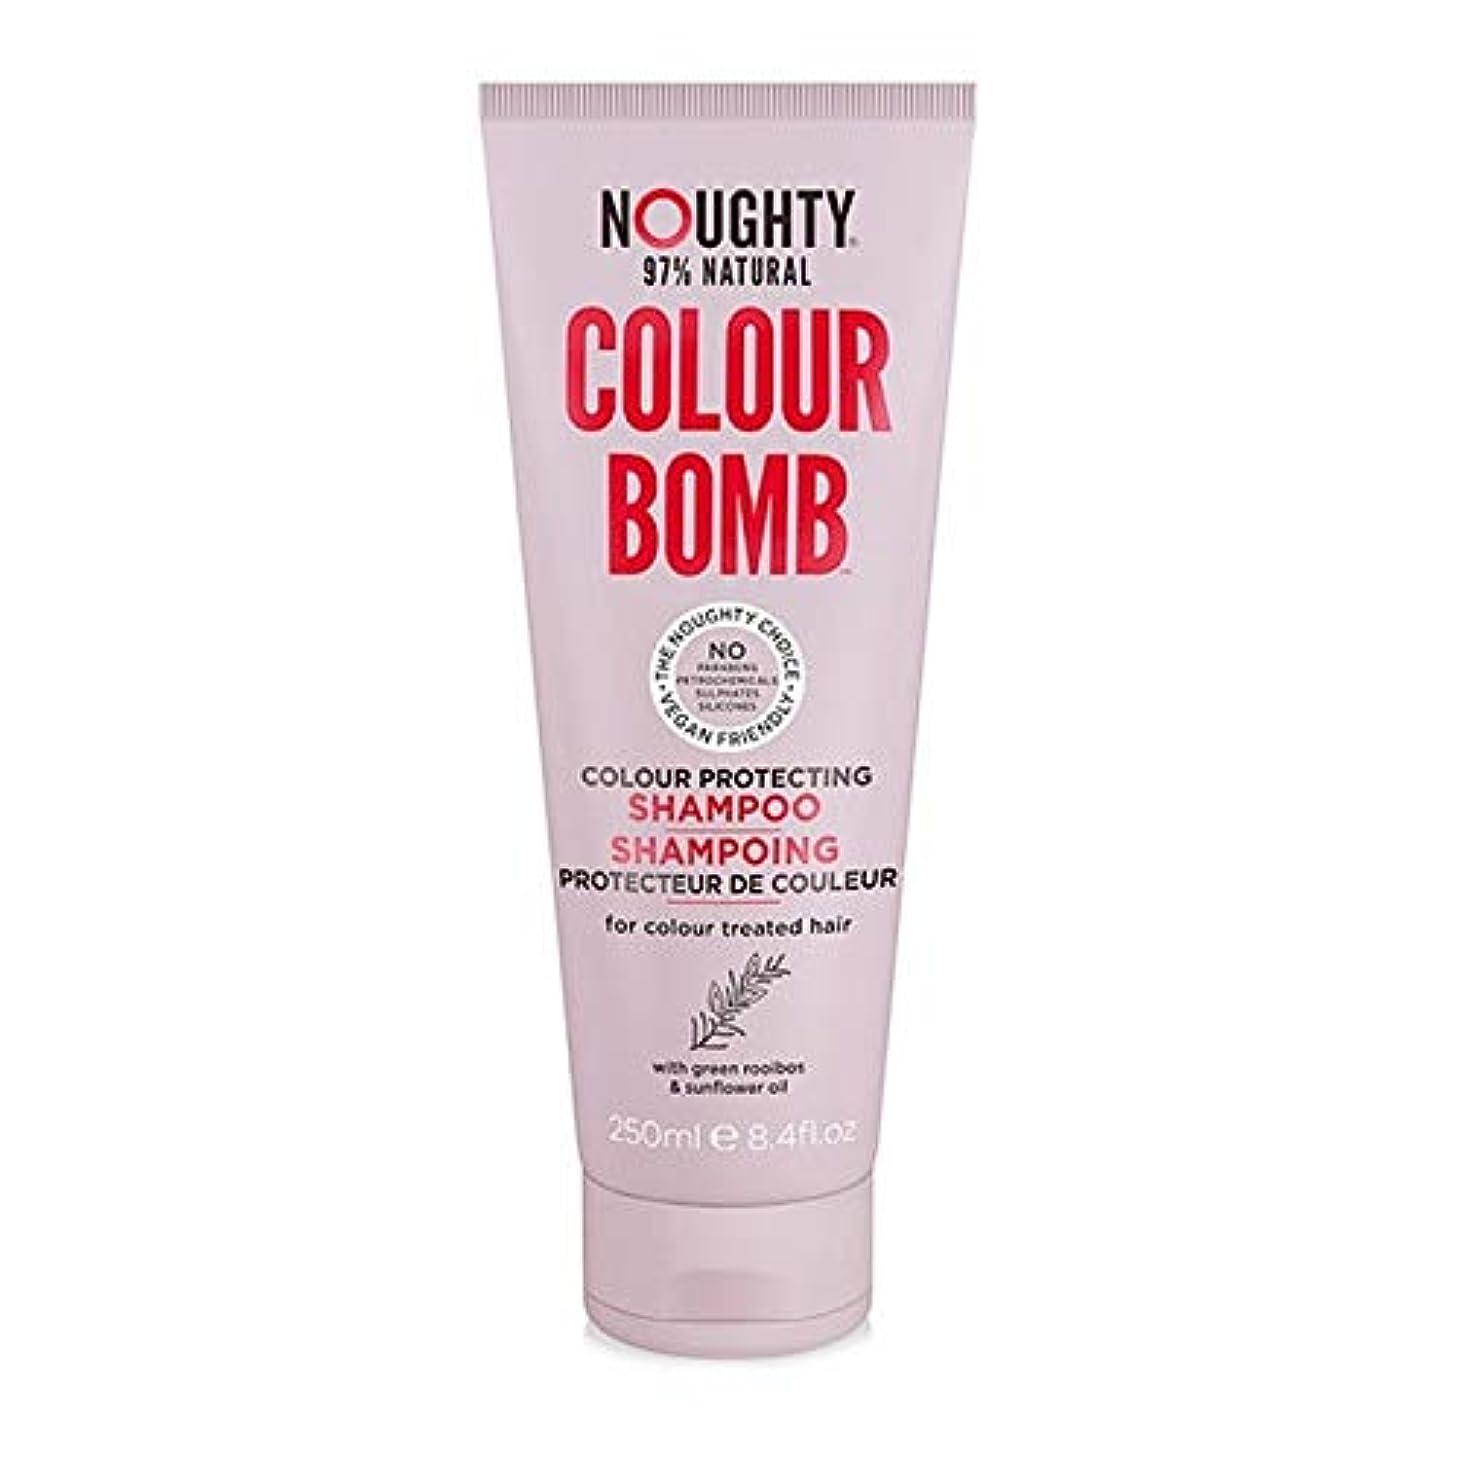 ベテランスライス夕食を作る[Noughty] シャンプー250ミリリットルを保護Noughtyカラー爆弾の色 - Noughty Colour Bomb Colour Protecting Shampoo 250ml [並行輸入品]